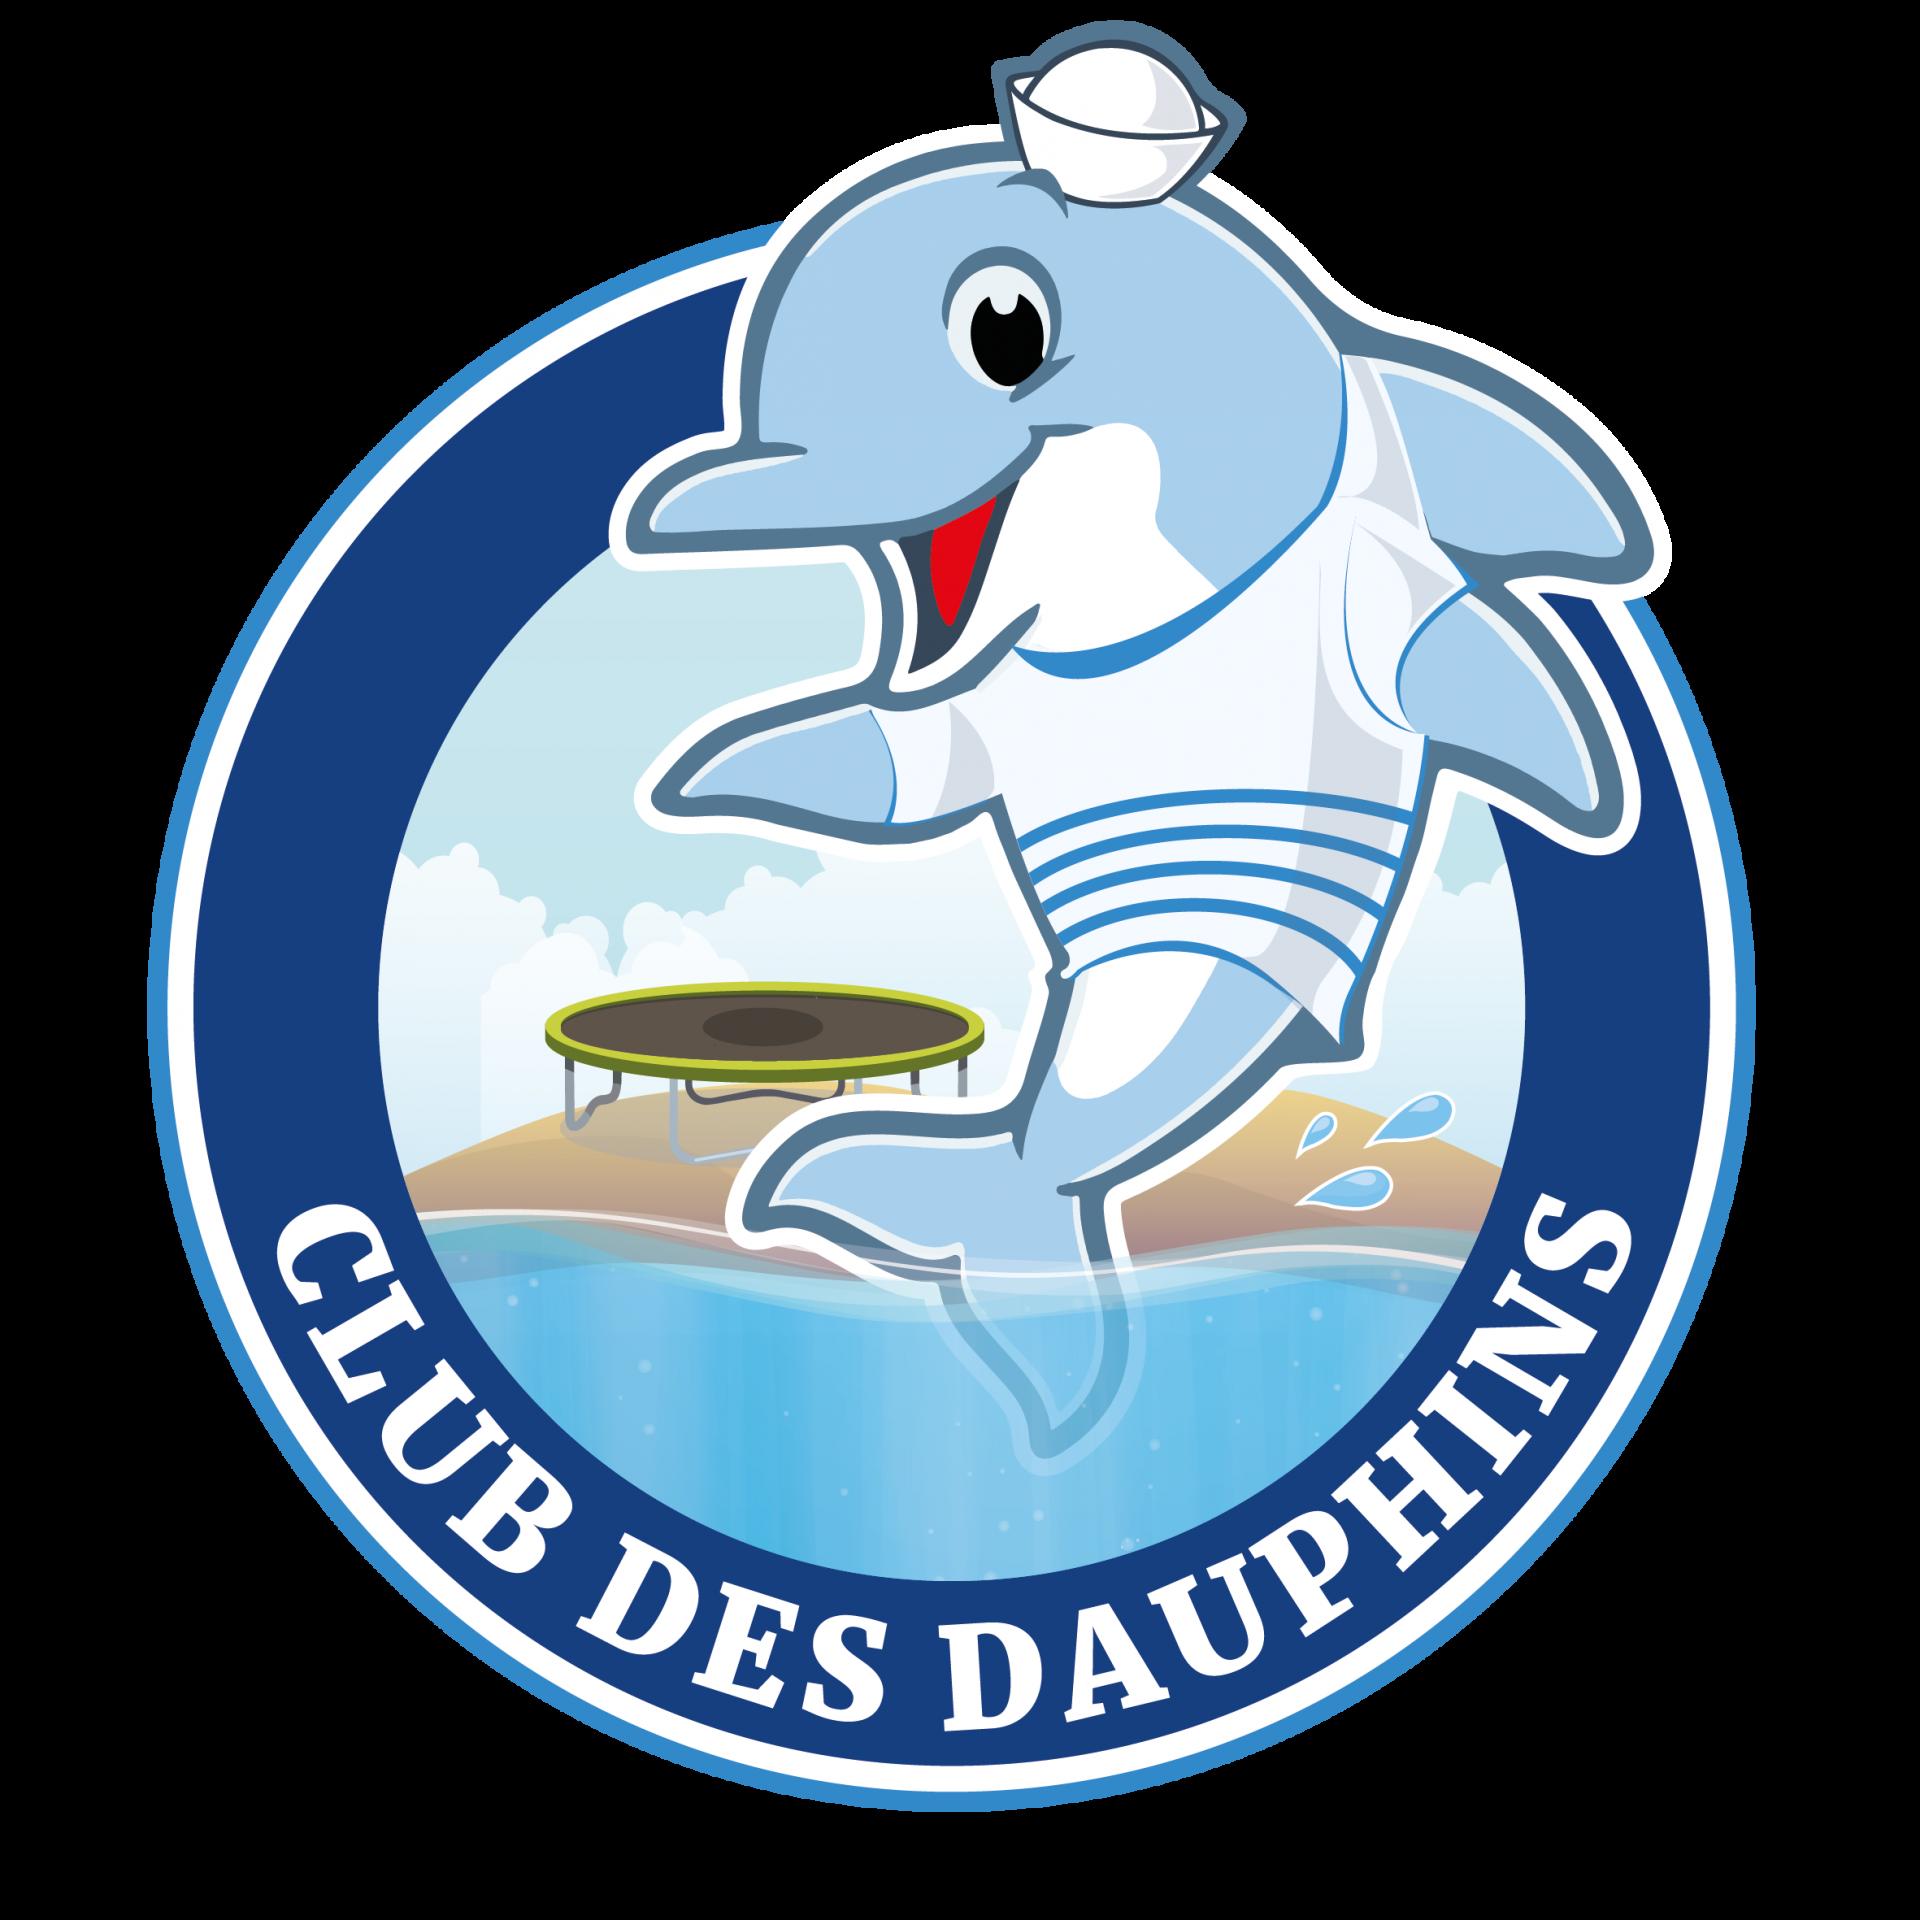 Logo club des dauphins 01